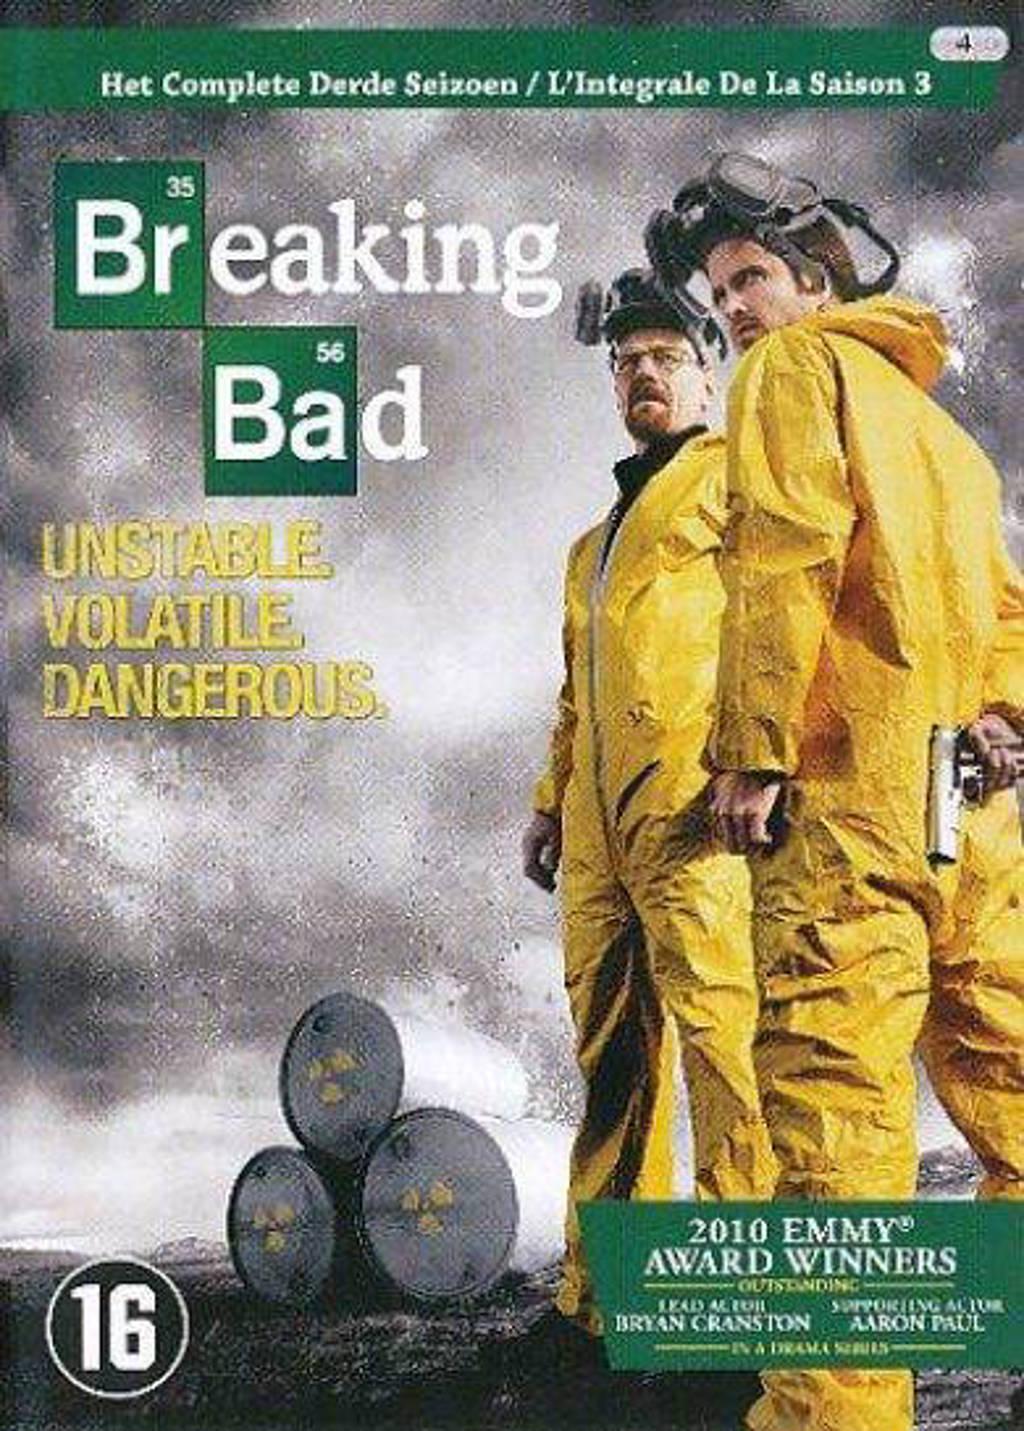 Breaking bad - Seizoen 3 (DVD)